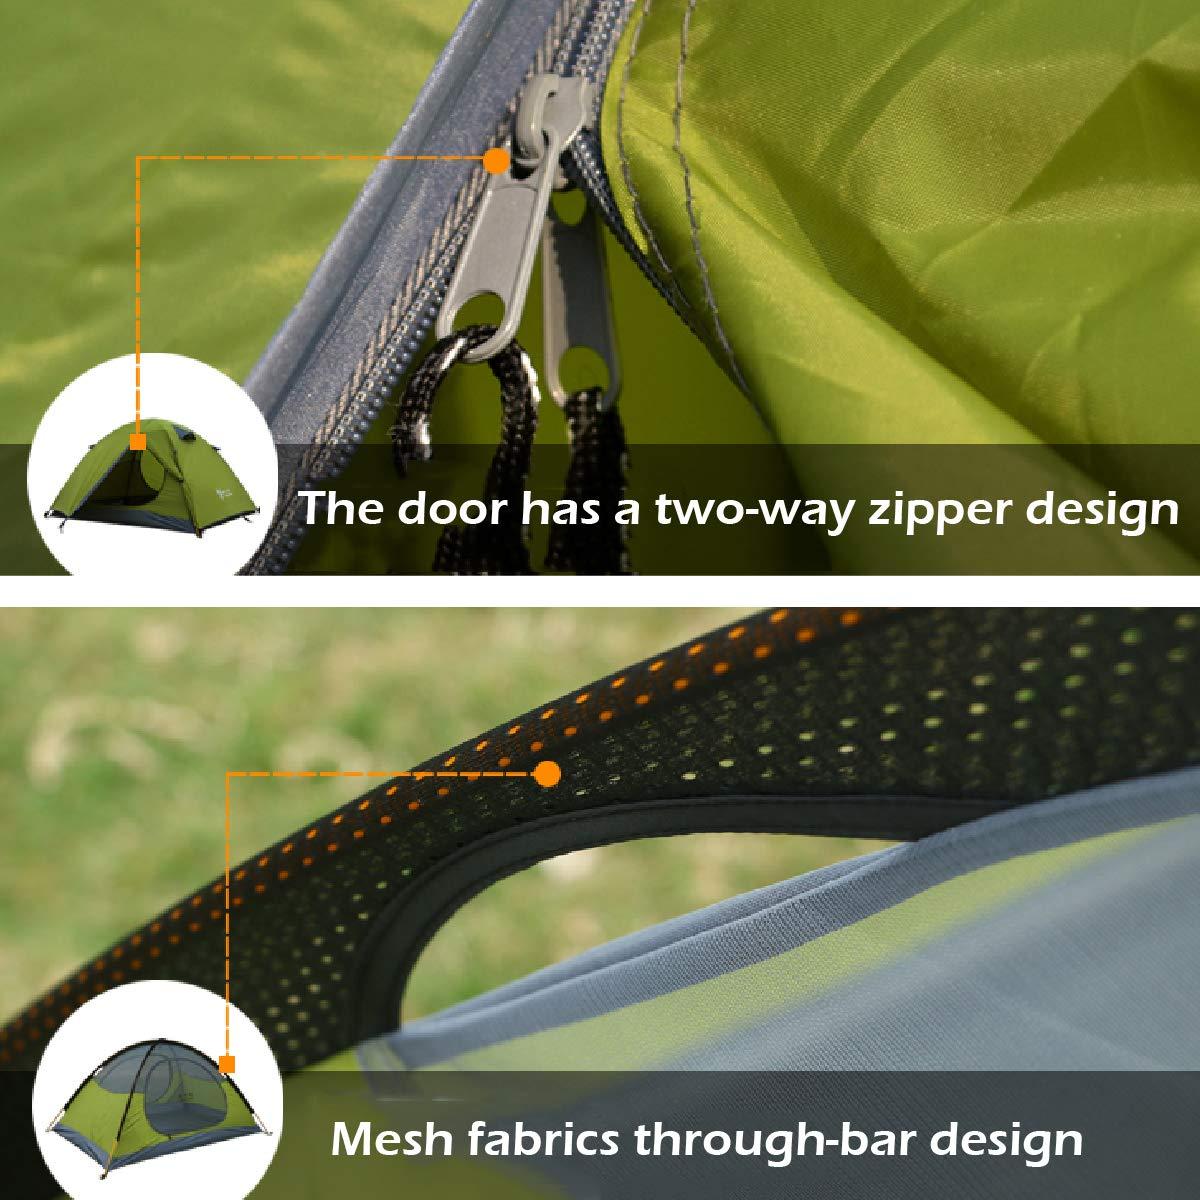 Protection UV imperm/éable l/ég/ère de Tente de 3 Saisons avec Le Sac de Transport TRIWONDER Tente de 2 ou 3 Personnes pour la randonn/ée de Camping